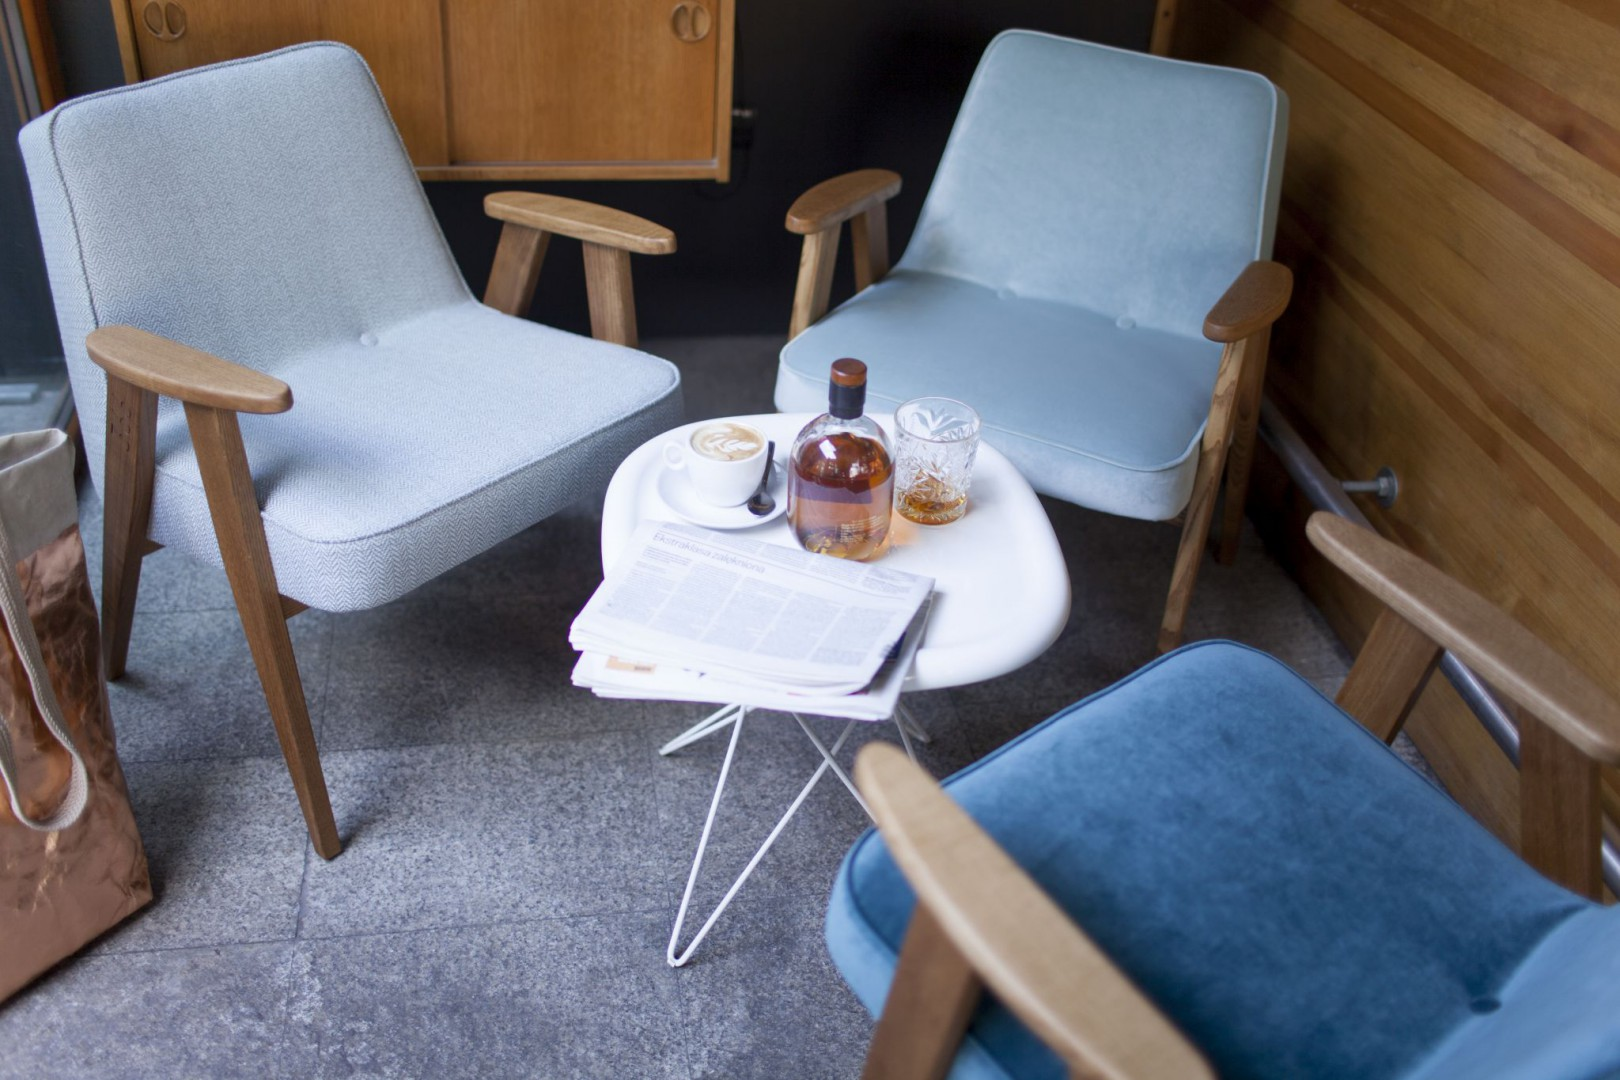 Fotele 366 Concept w kolorach Velvet Mint, Ocean oraz Tweed Mentos. Fot. 366 Concept Team